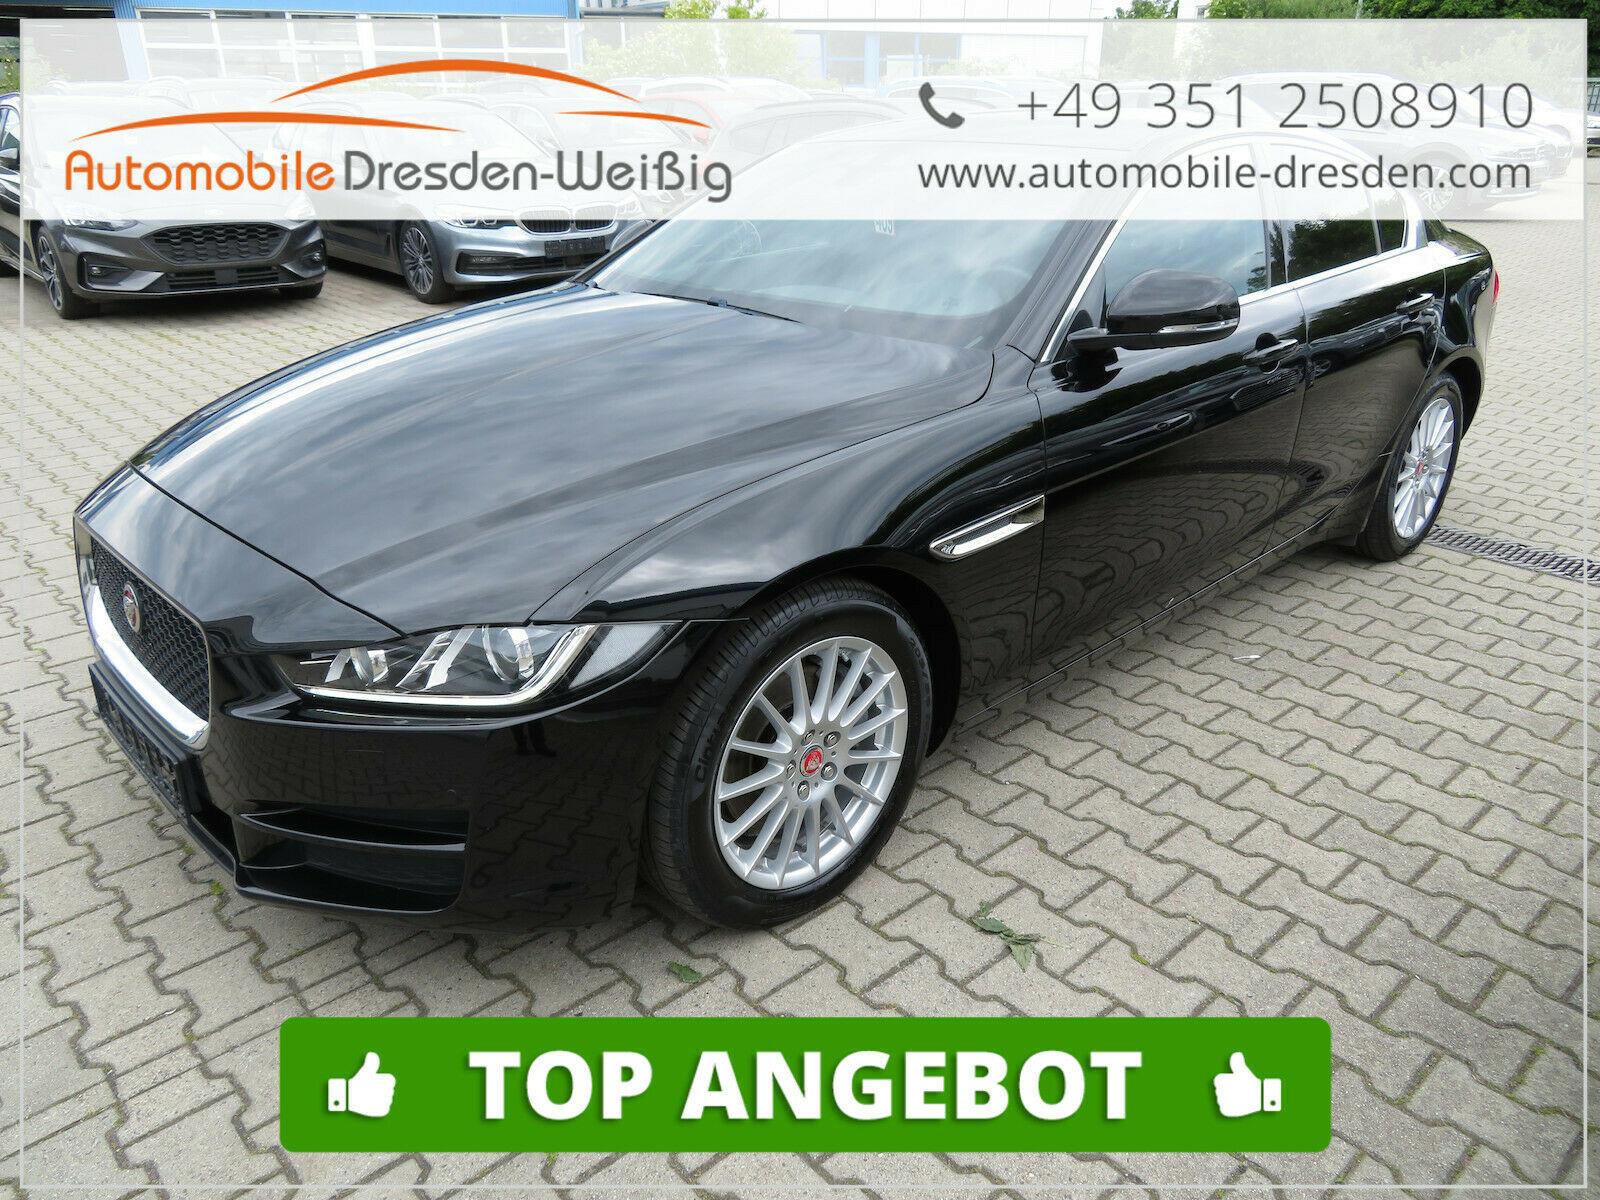 Jaguar XE 2.0 Prestige*Leder*Navi*Bi Xenon*99g CO2, Jahr 2016, Diesel